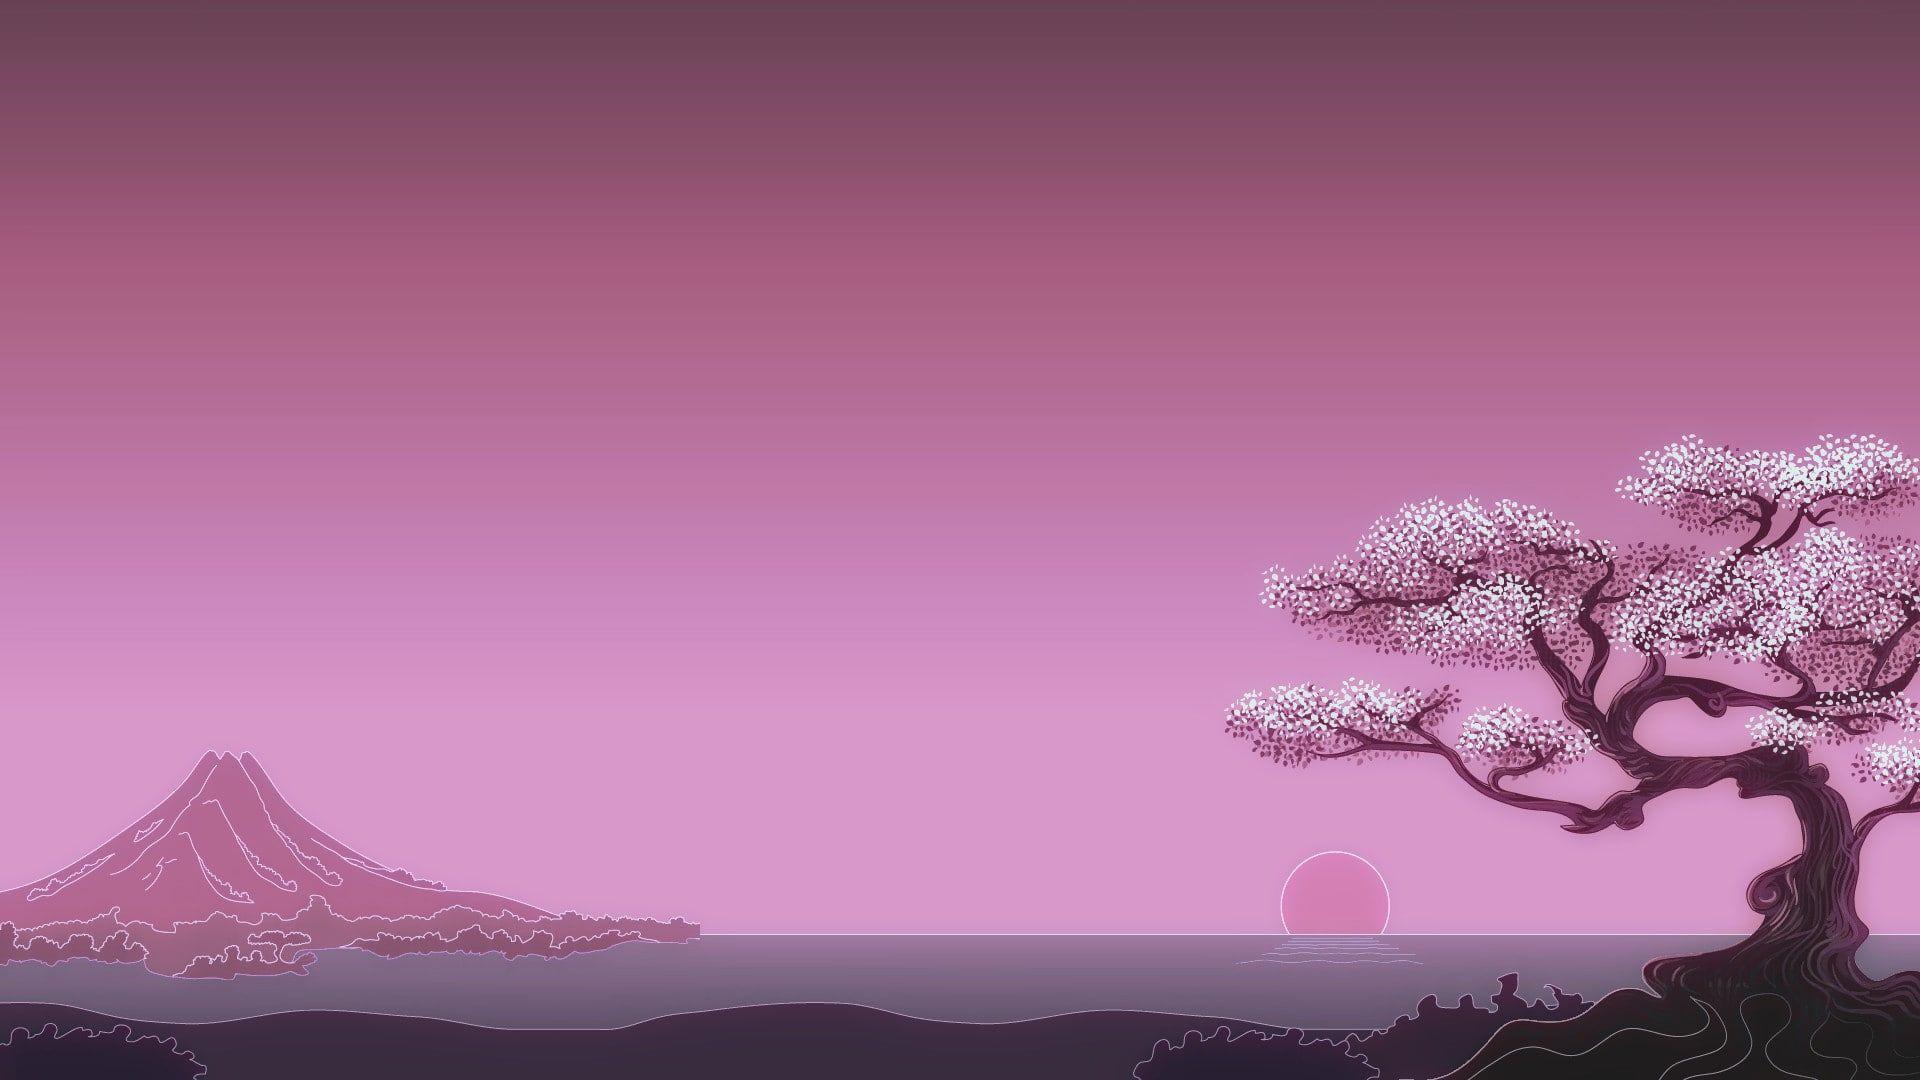 1920x1080 Px Digital Art Japan Minimalism Simple Background Sun Trees Video Games Star Wars Hd Art Trees Su Art Wallpaper Minimal Art Wallpaper Japanese Art